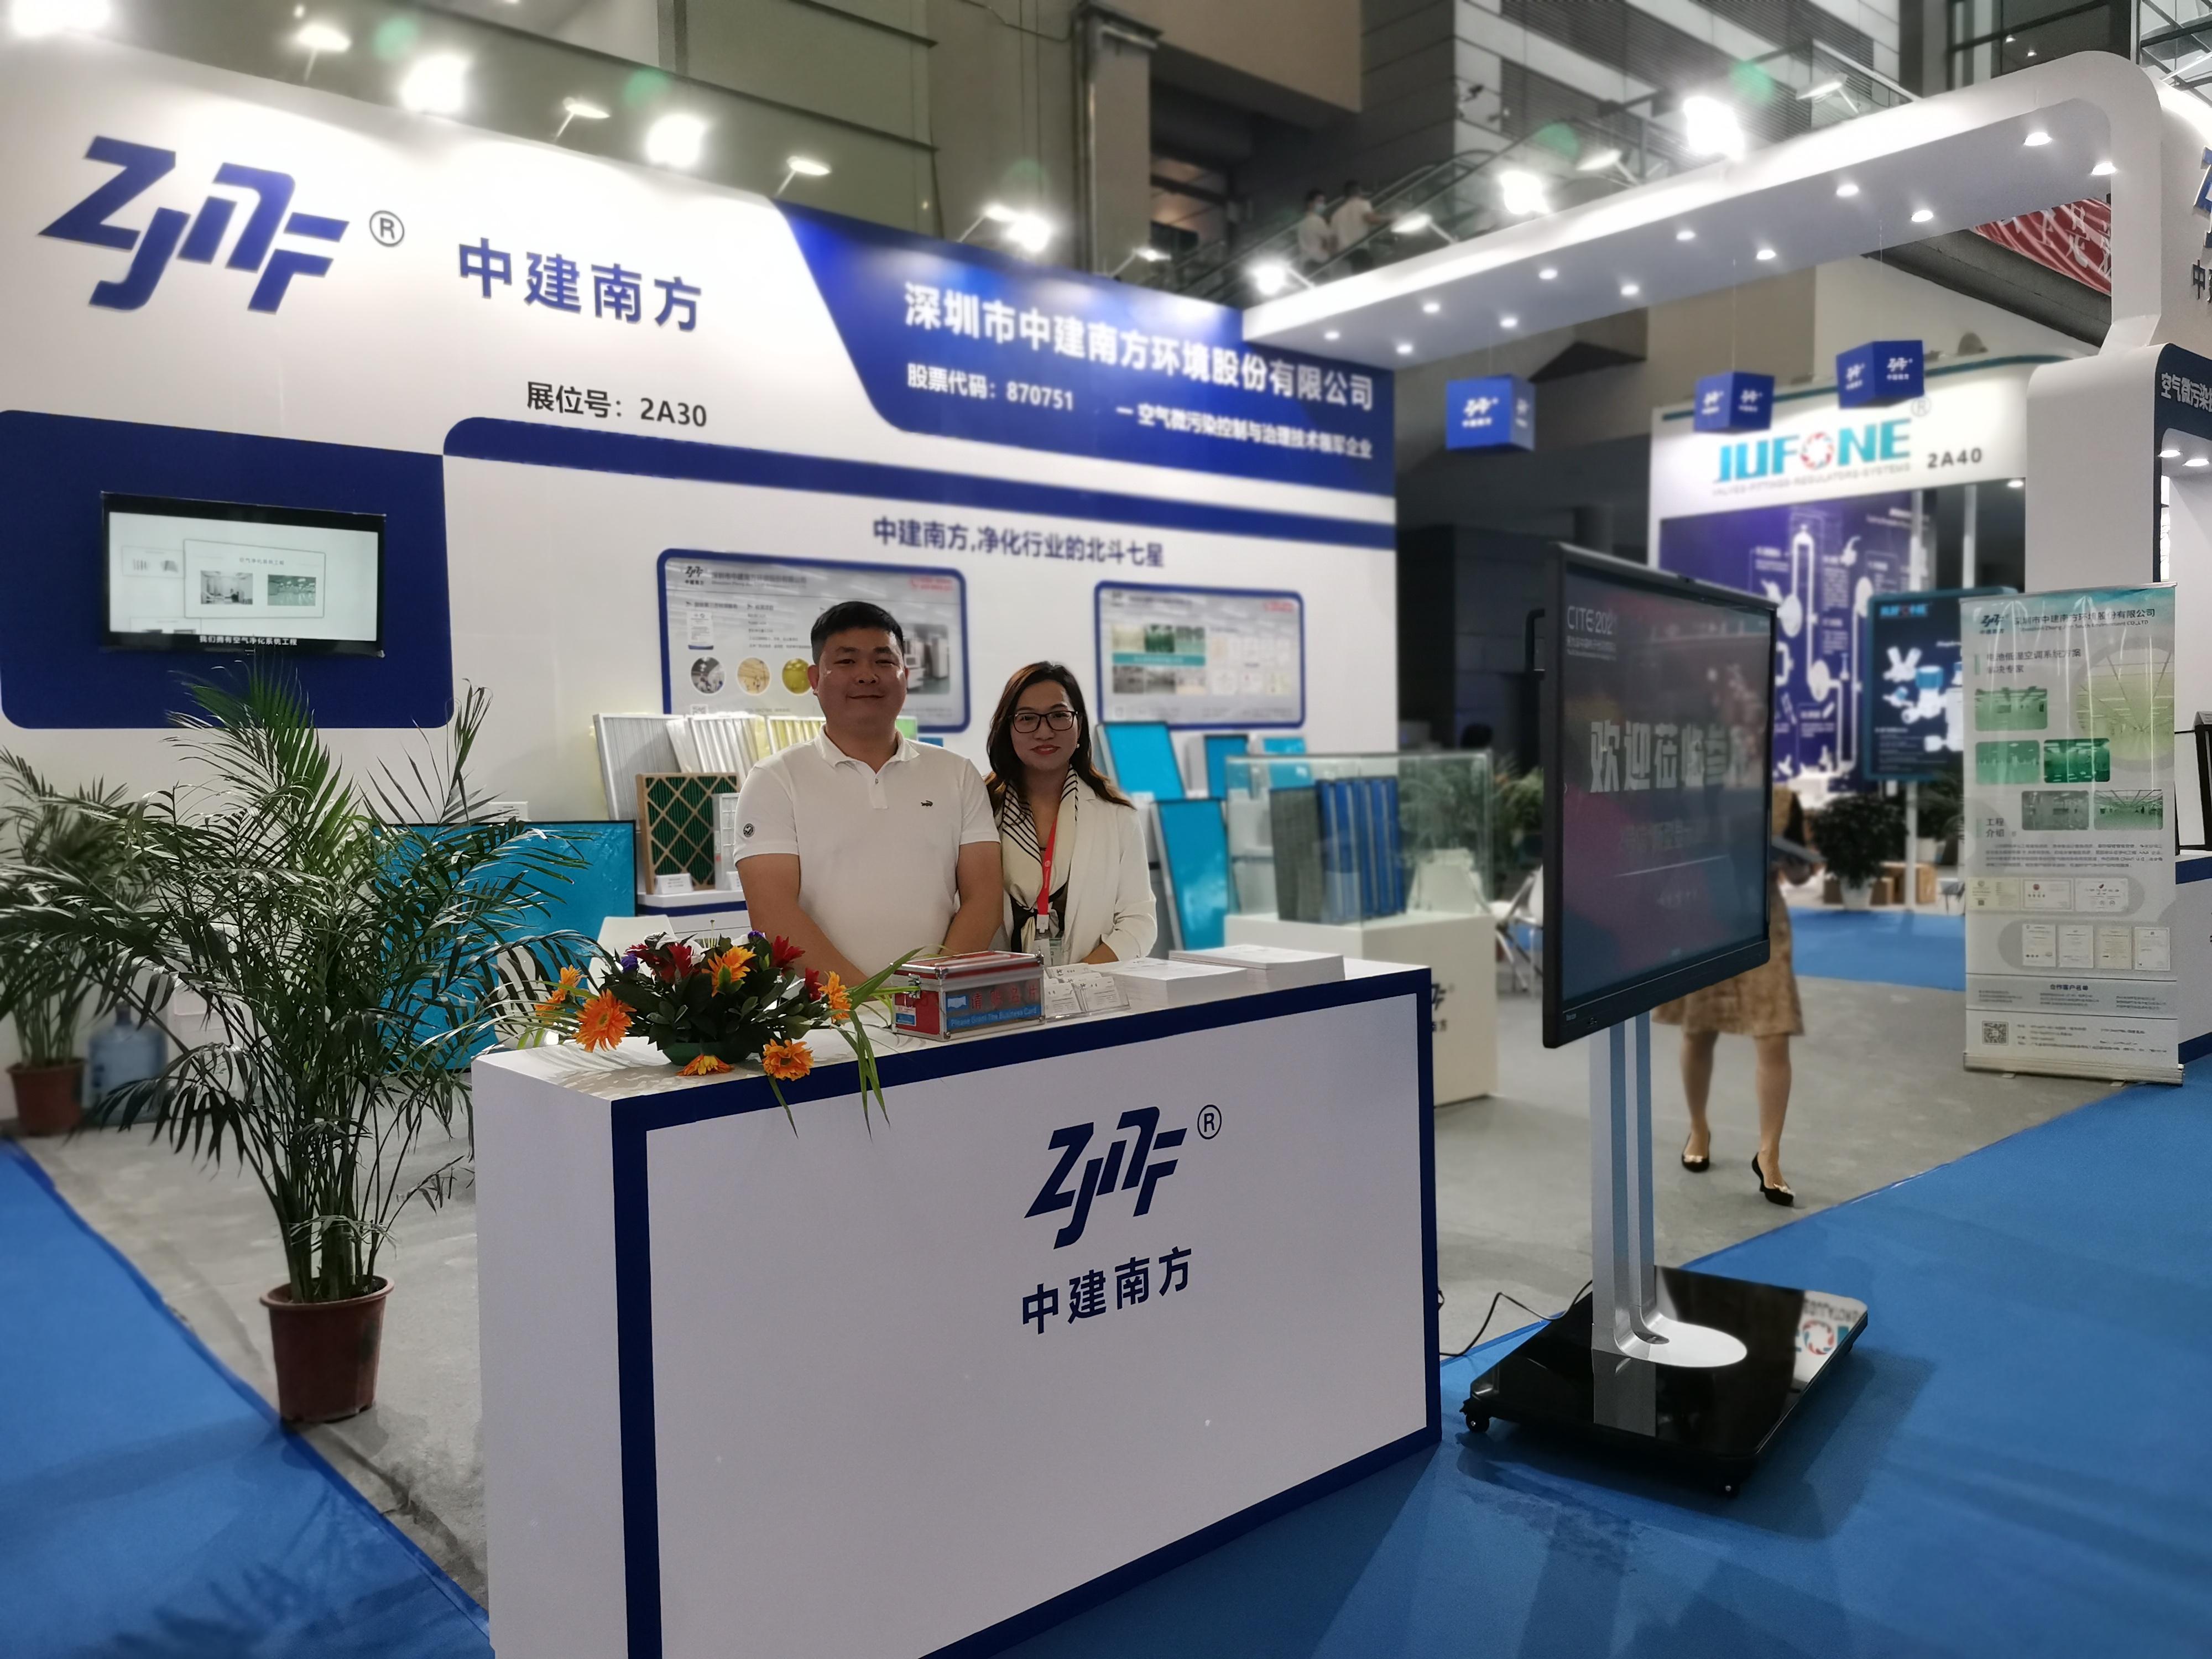 中建南方 誠邀您參加 2021中國電子信息博覽會